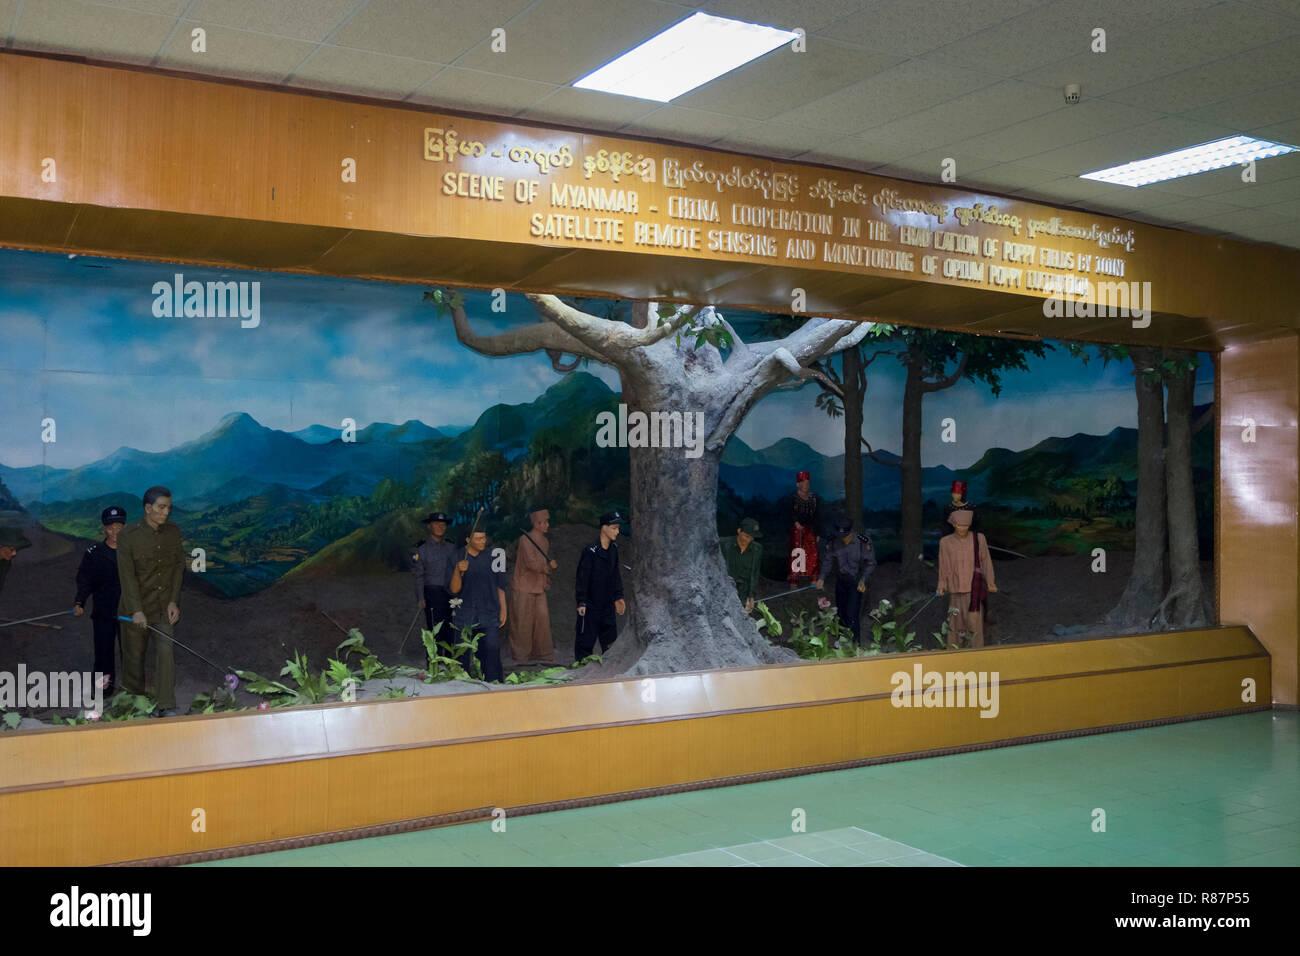 Diorama zeigt poppy Zerstörung an das Museum in Yangon, Myanmar. Stockfoto